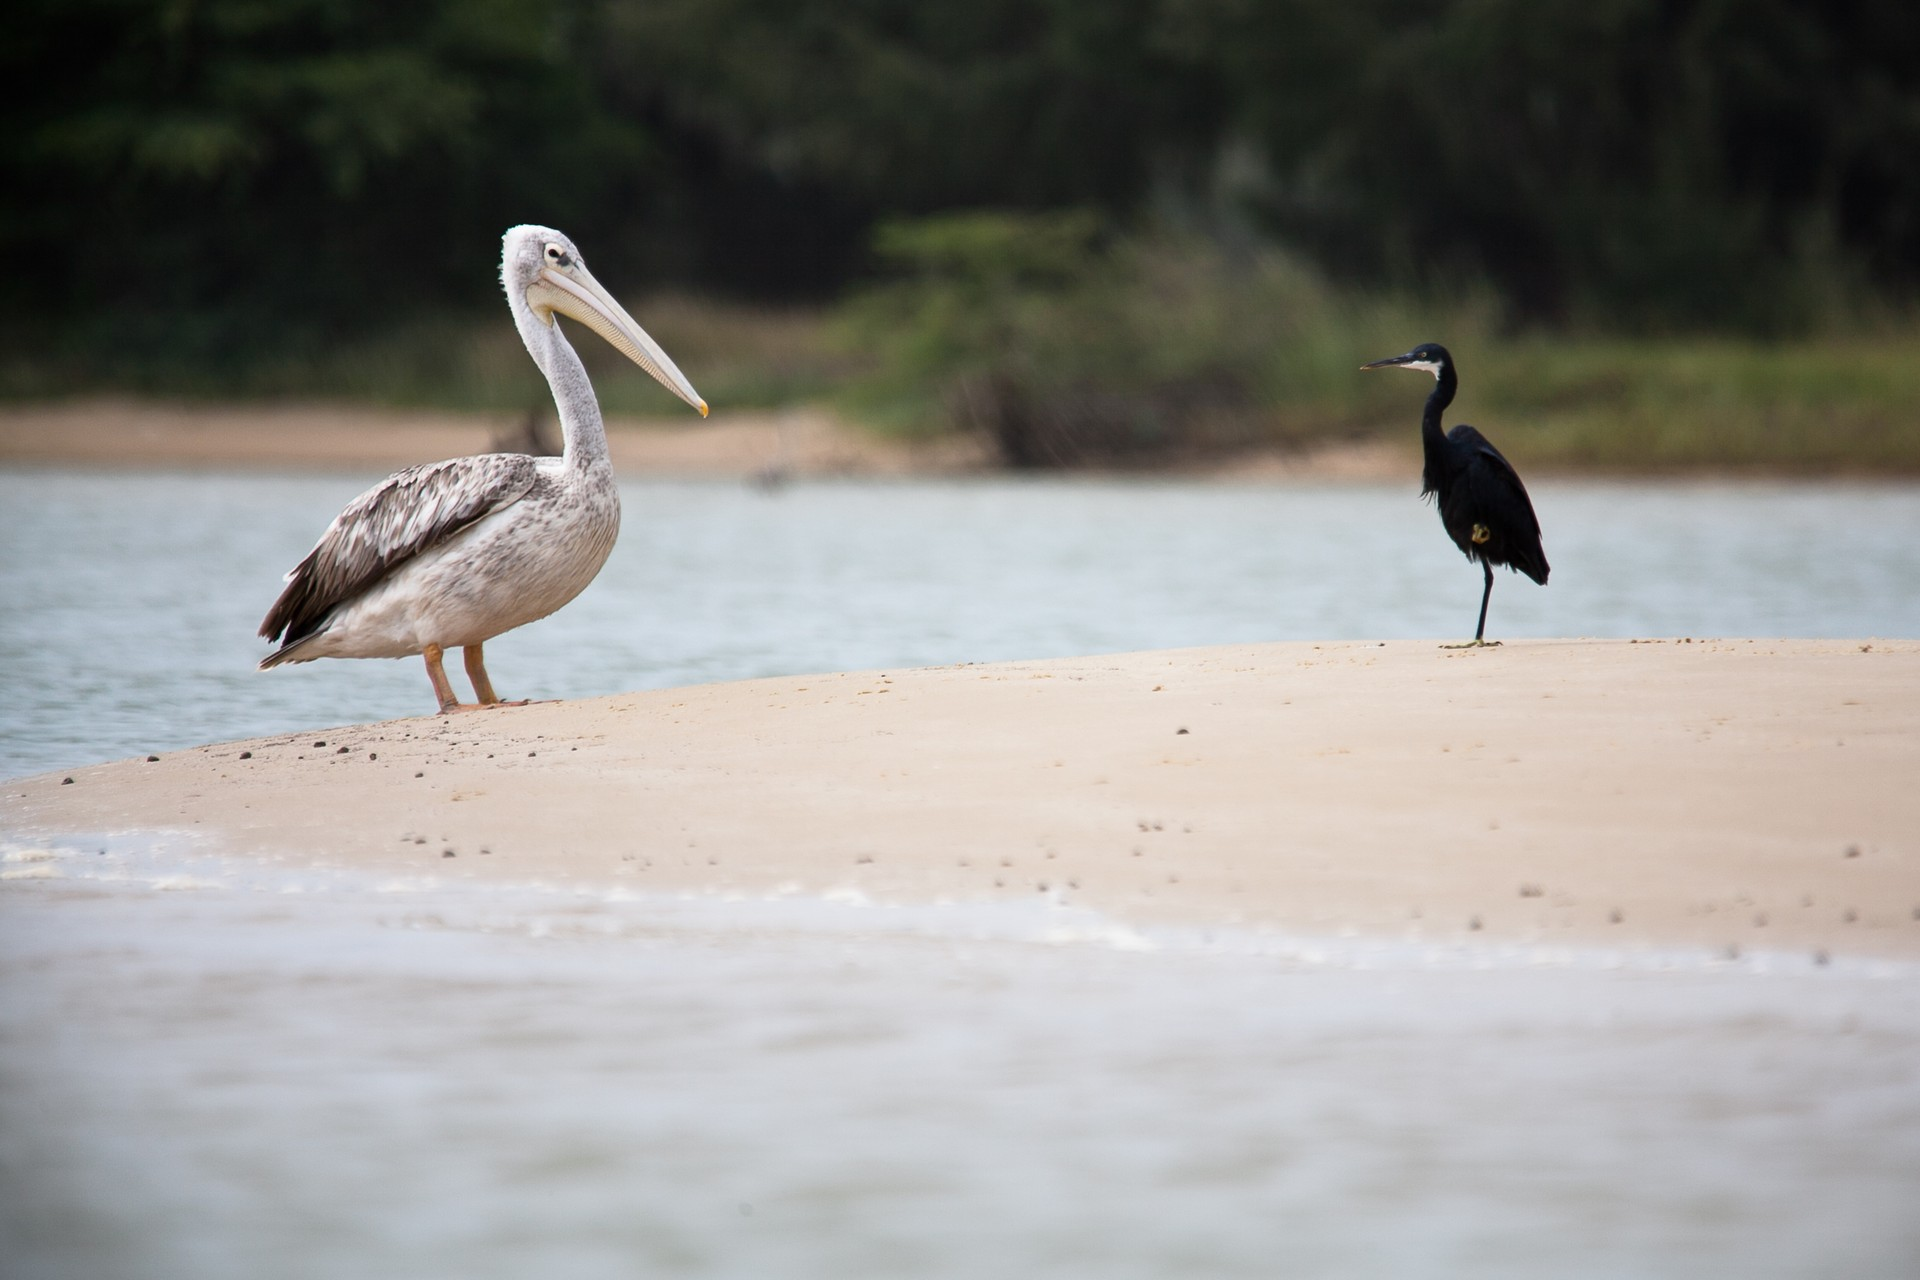 Pelican and egret on Langue de Barbarie sandbar